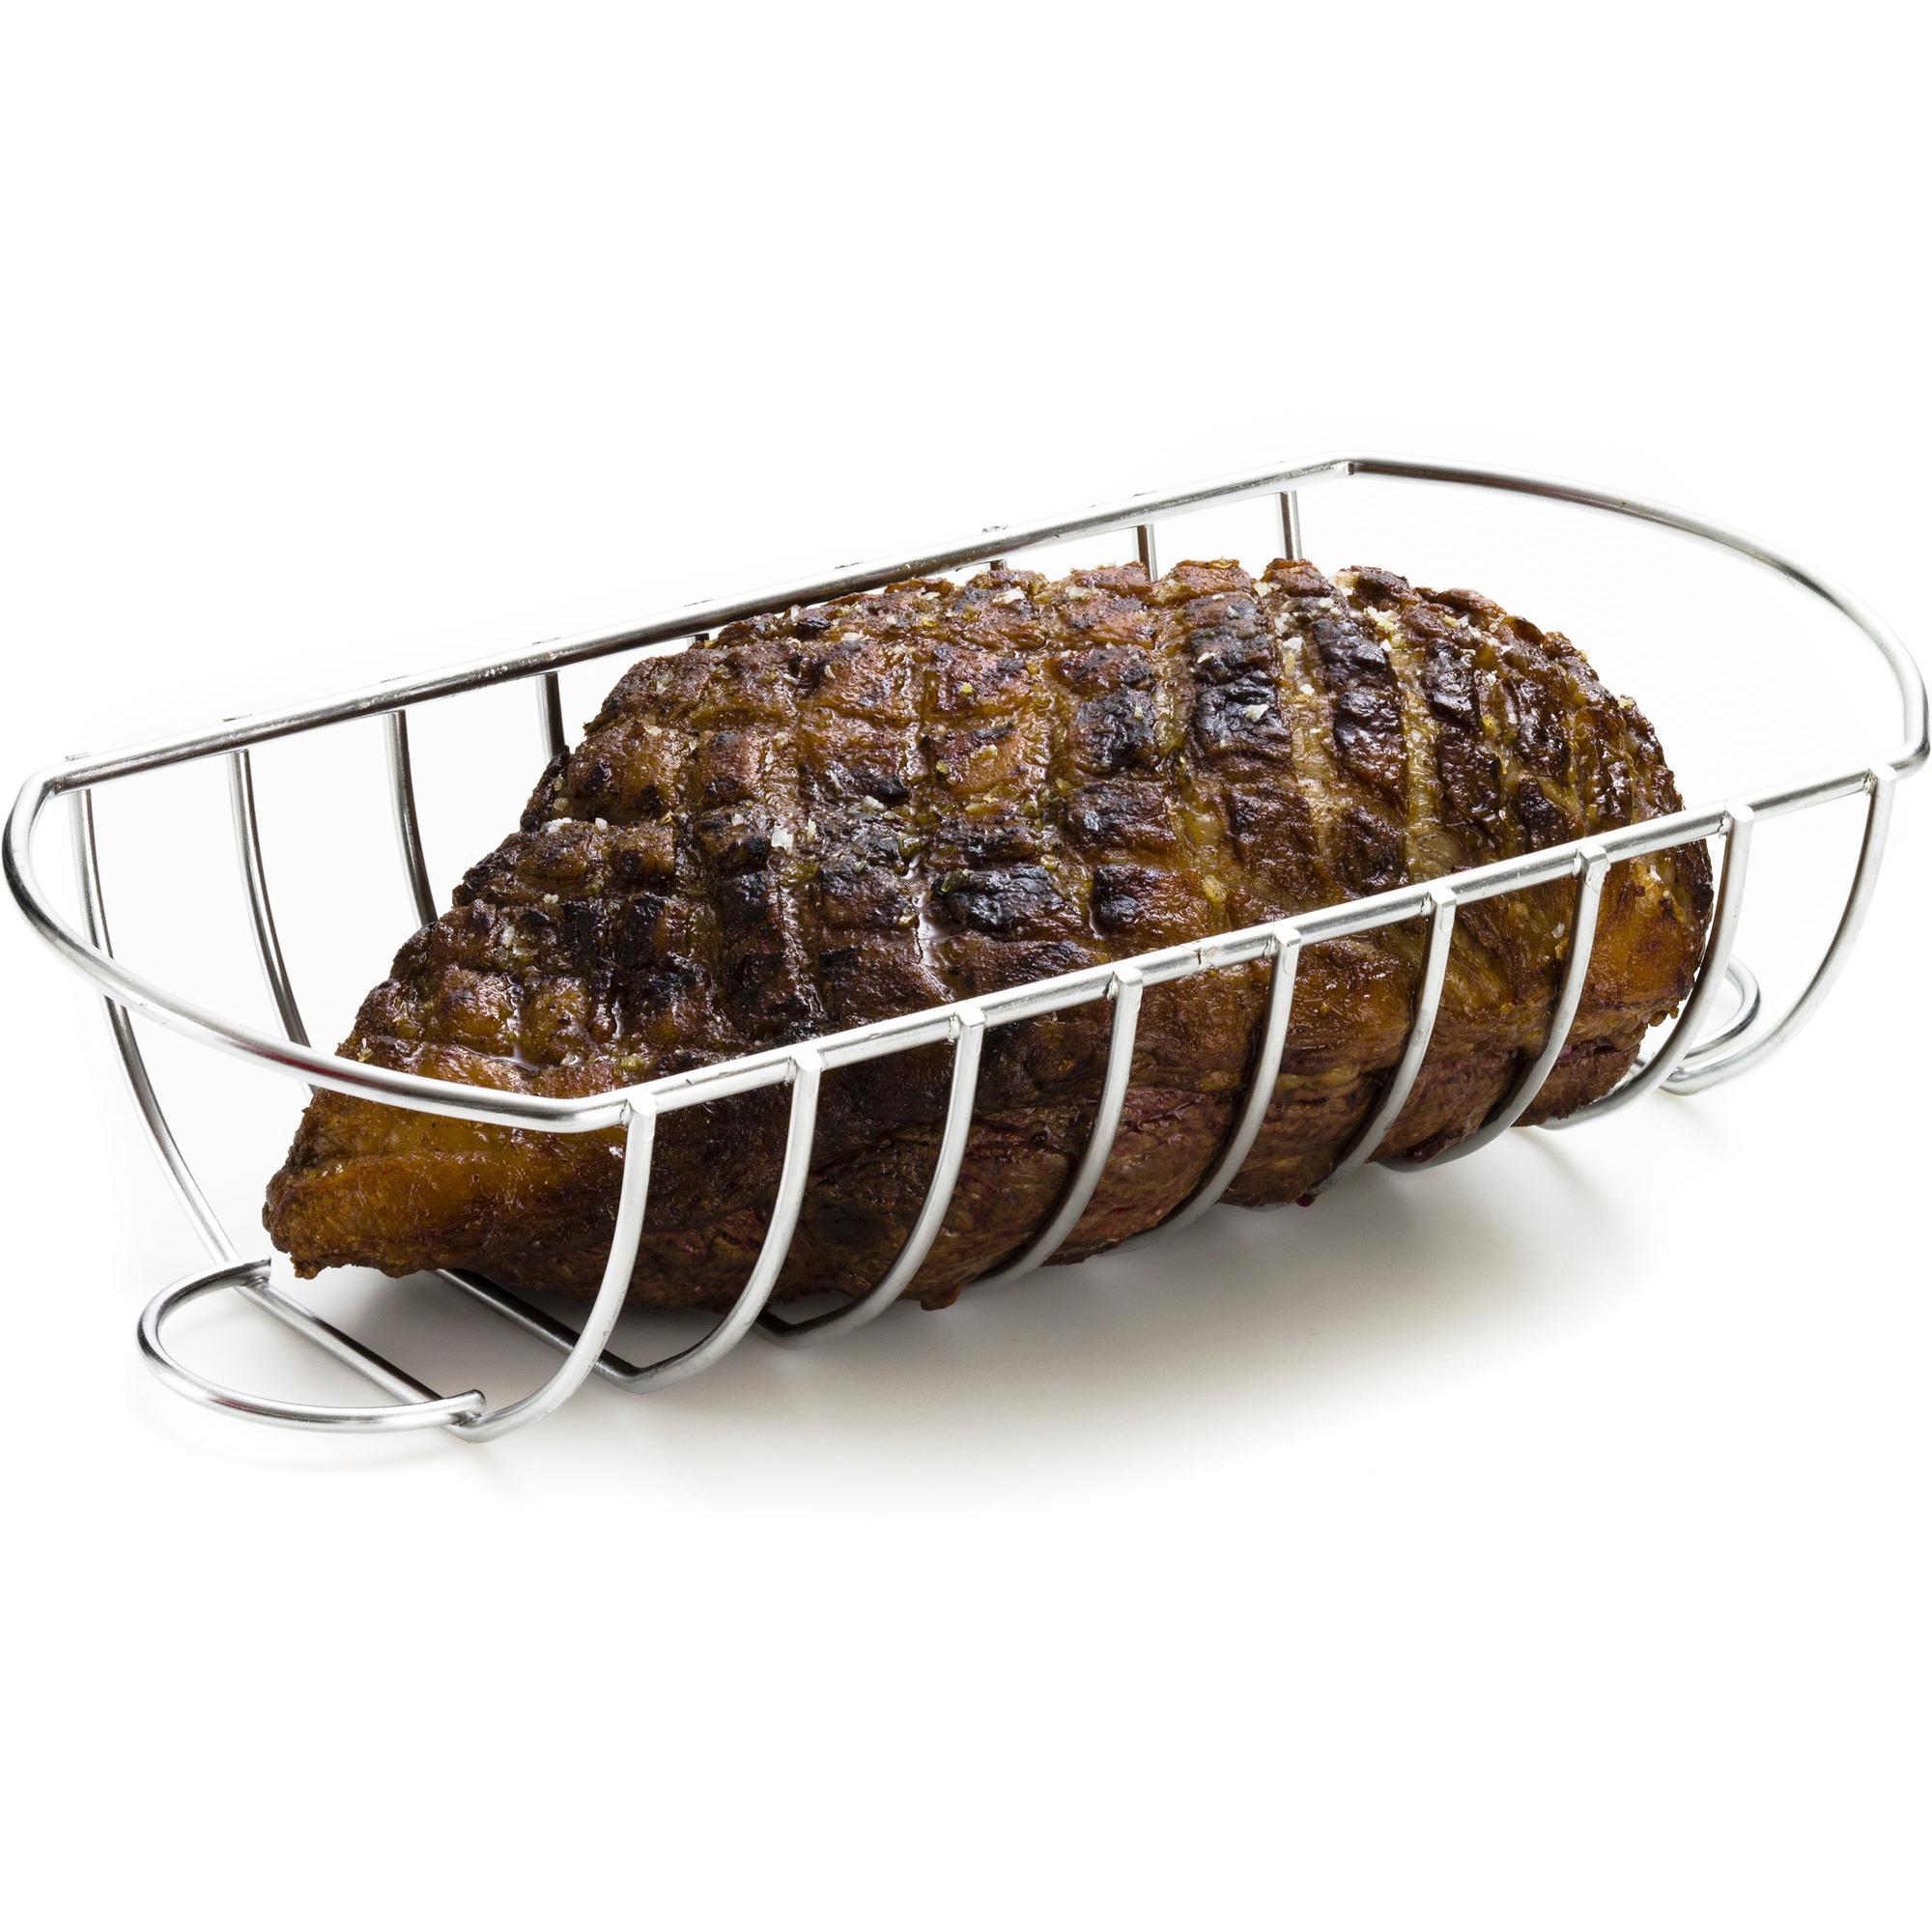 Jensens Spareribs På Gasgrill : Grillede spareribs og smørgrillede kartofler noget i ovnen hos